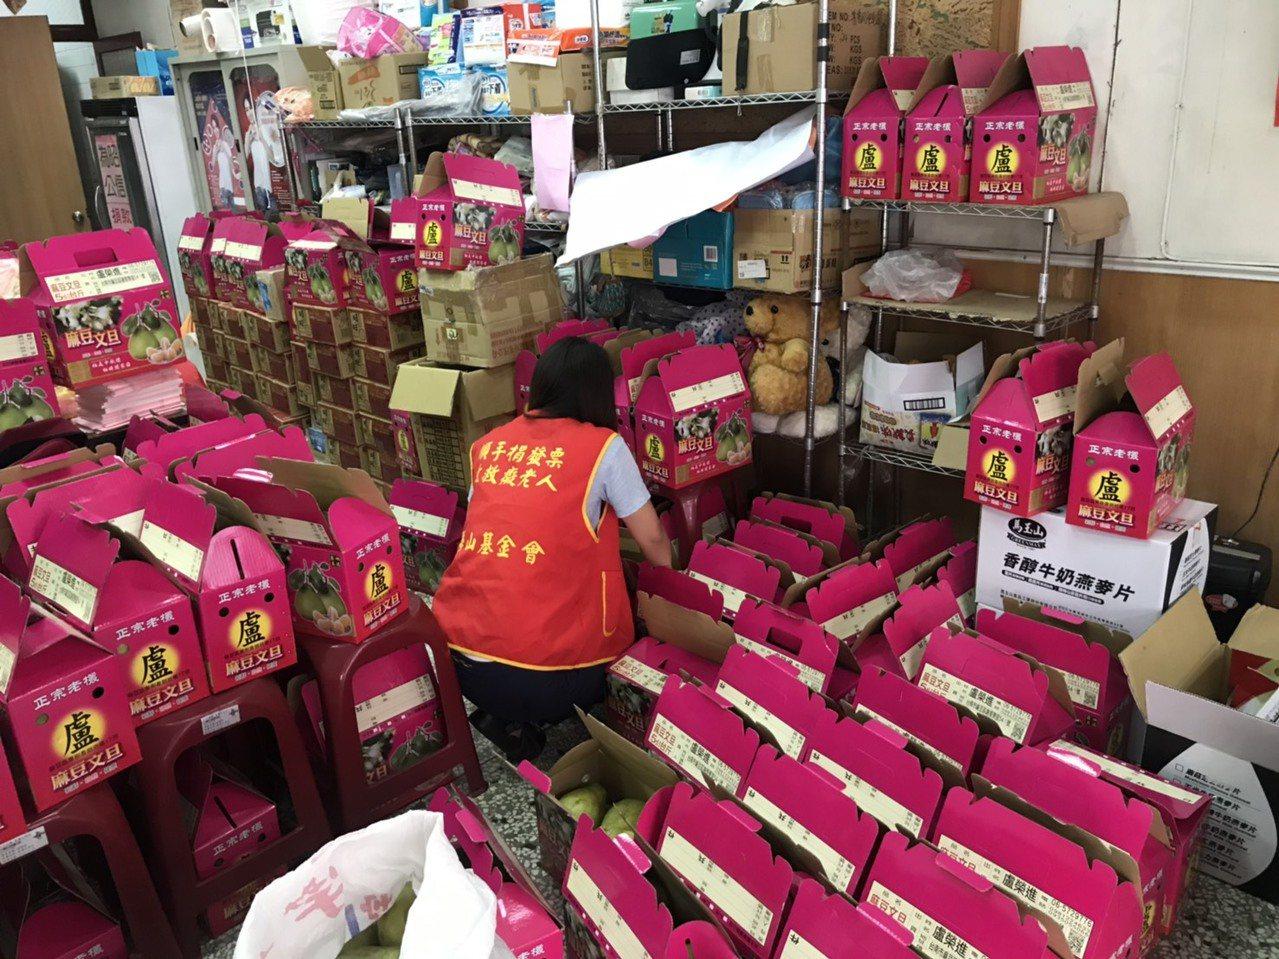 華山基金會高市B區天使網部辦公室堆滿滯銷文旦,工作人員擔心中秋節之前賣不出去。圖...